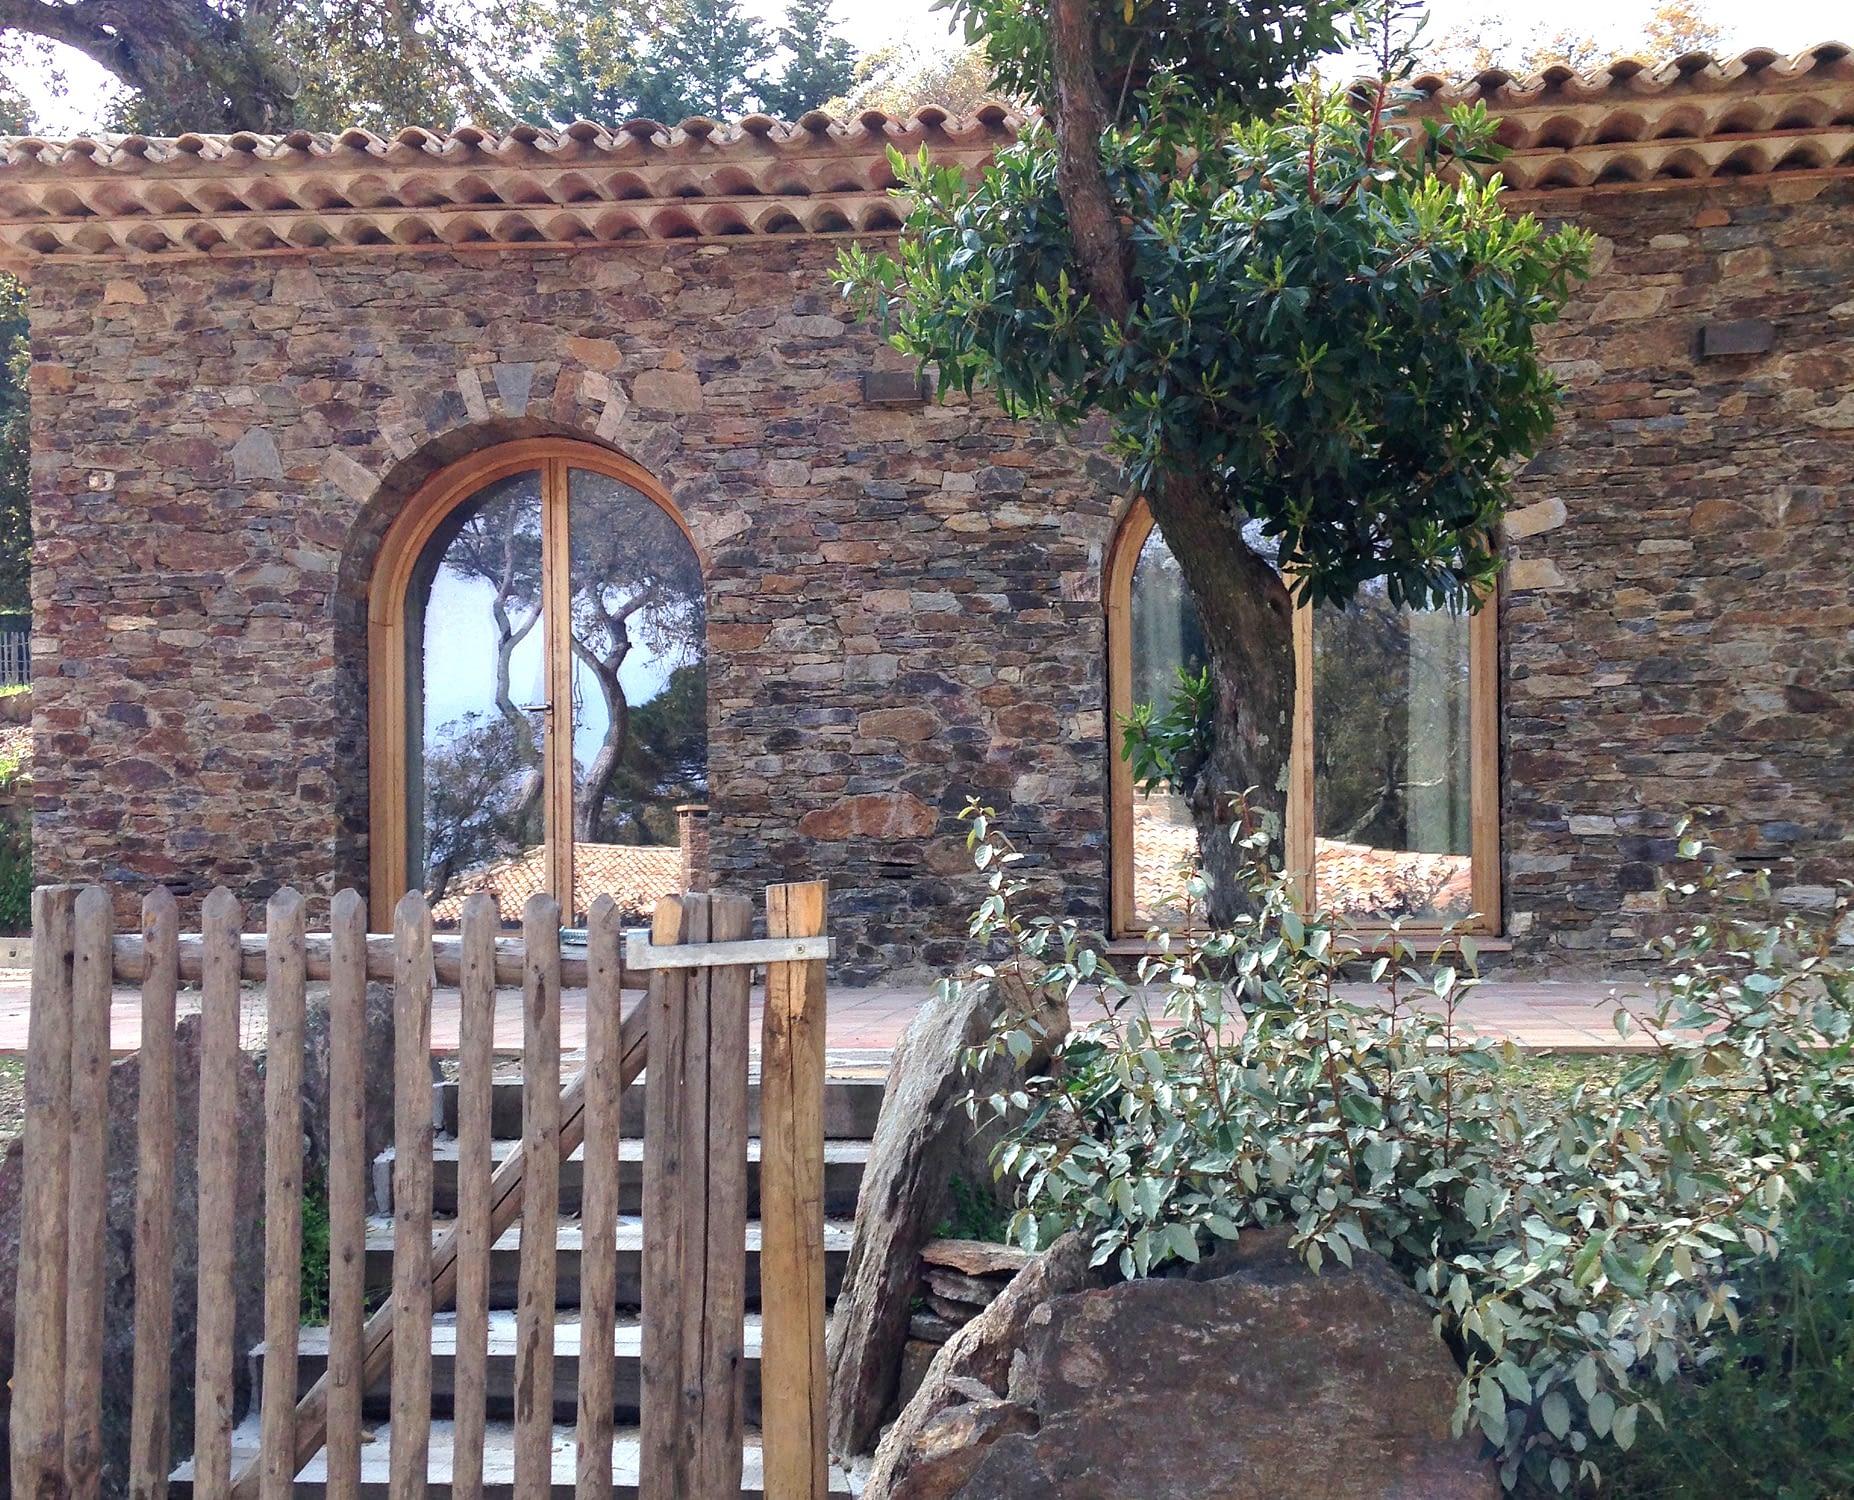 Entrée de la maison Le potager / Entrance to the house Le potager